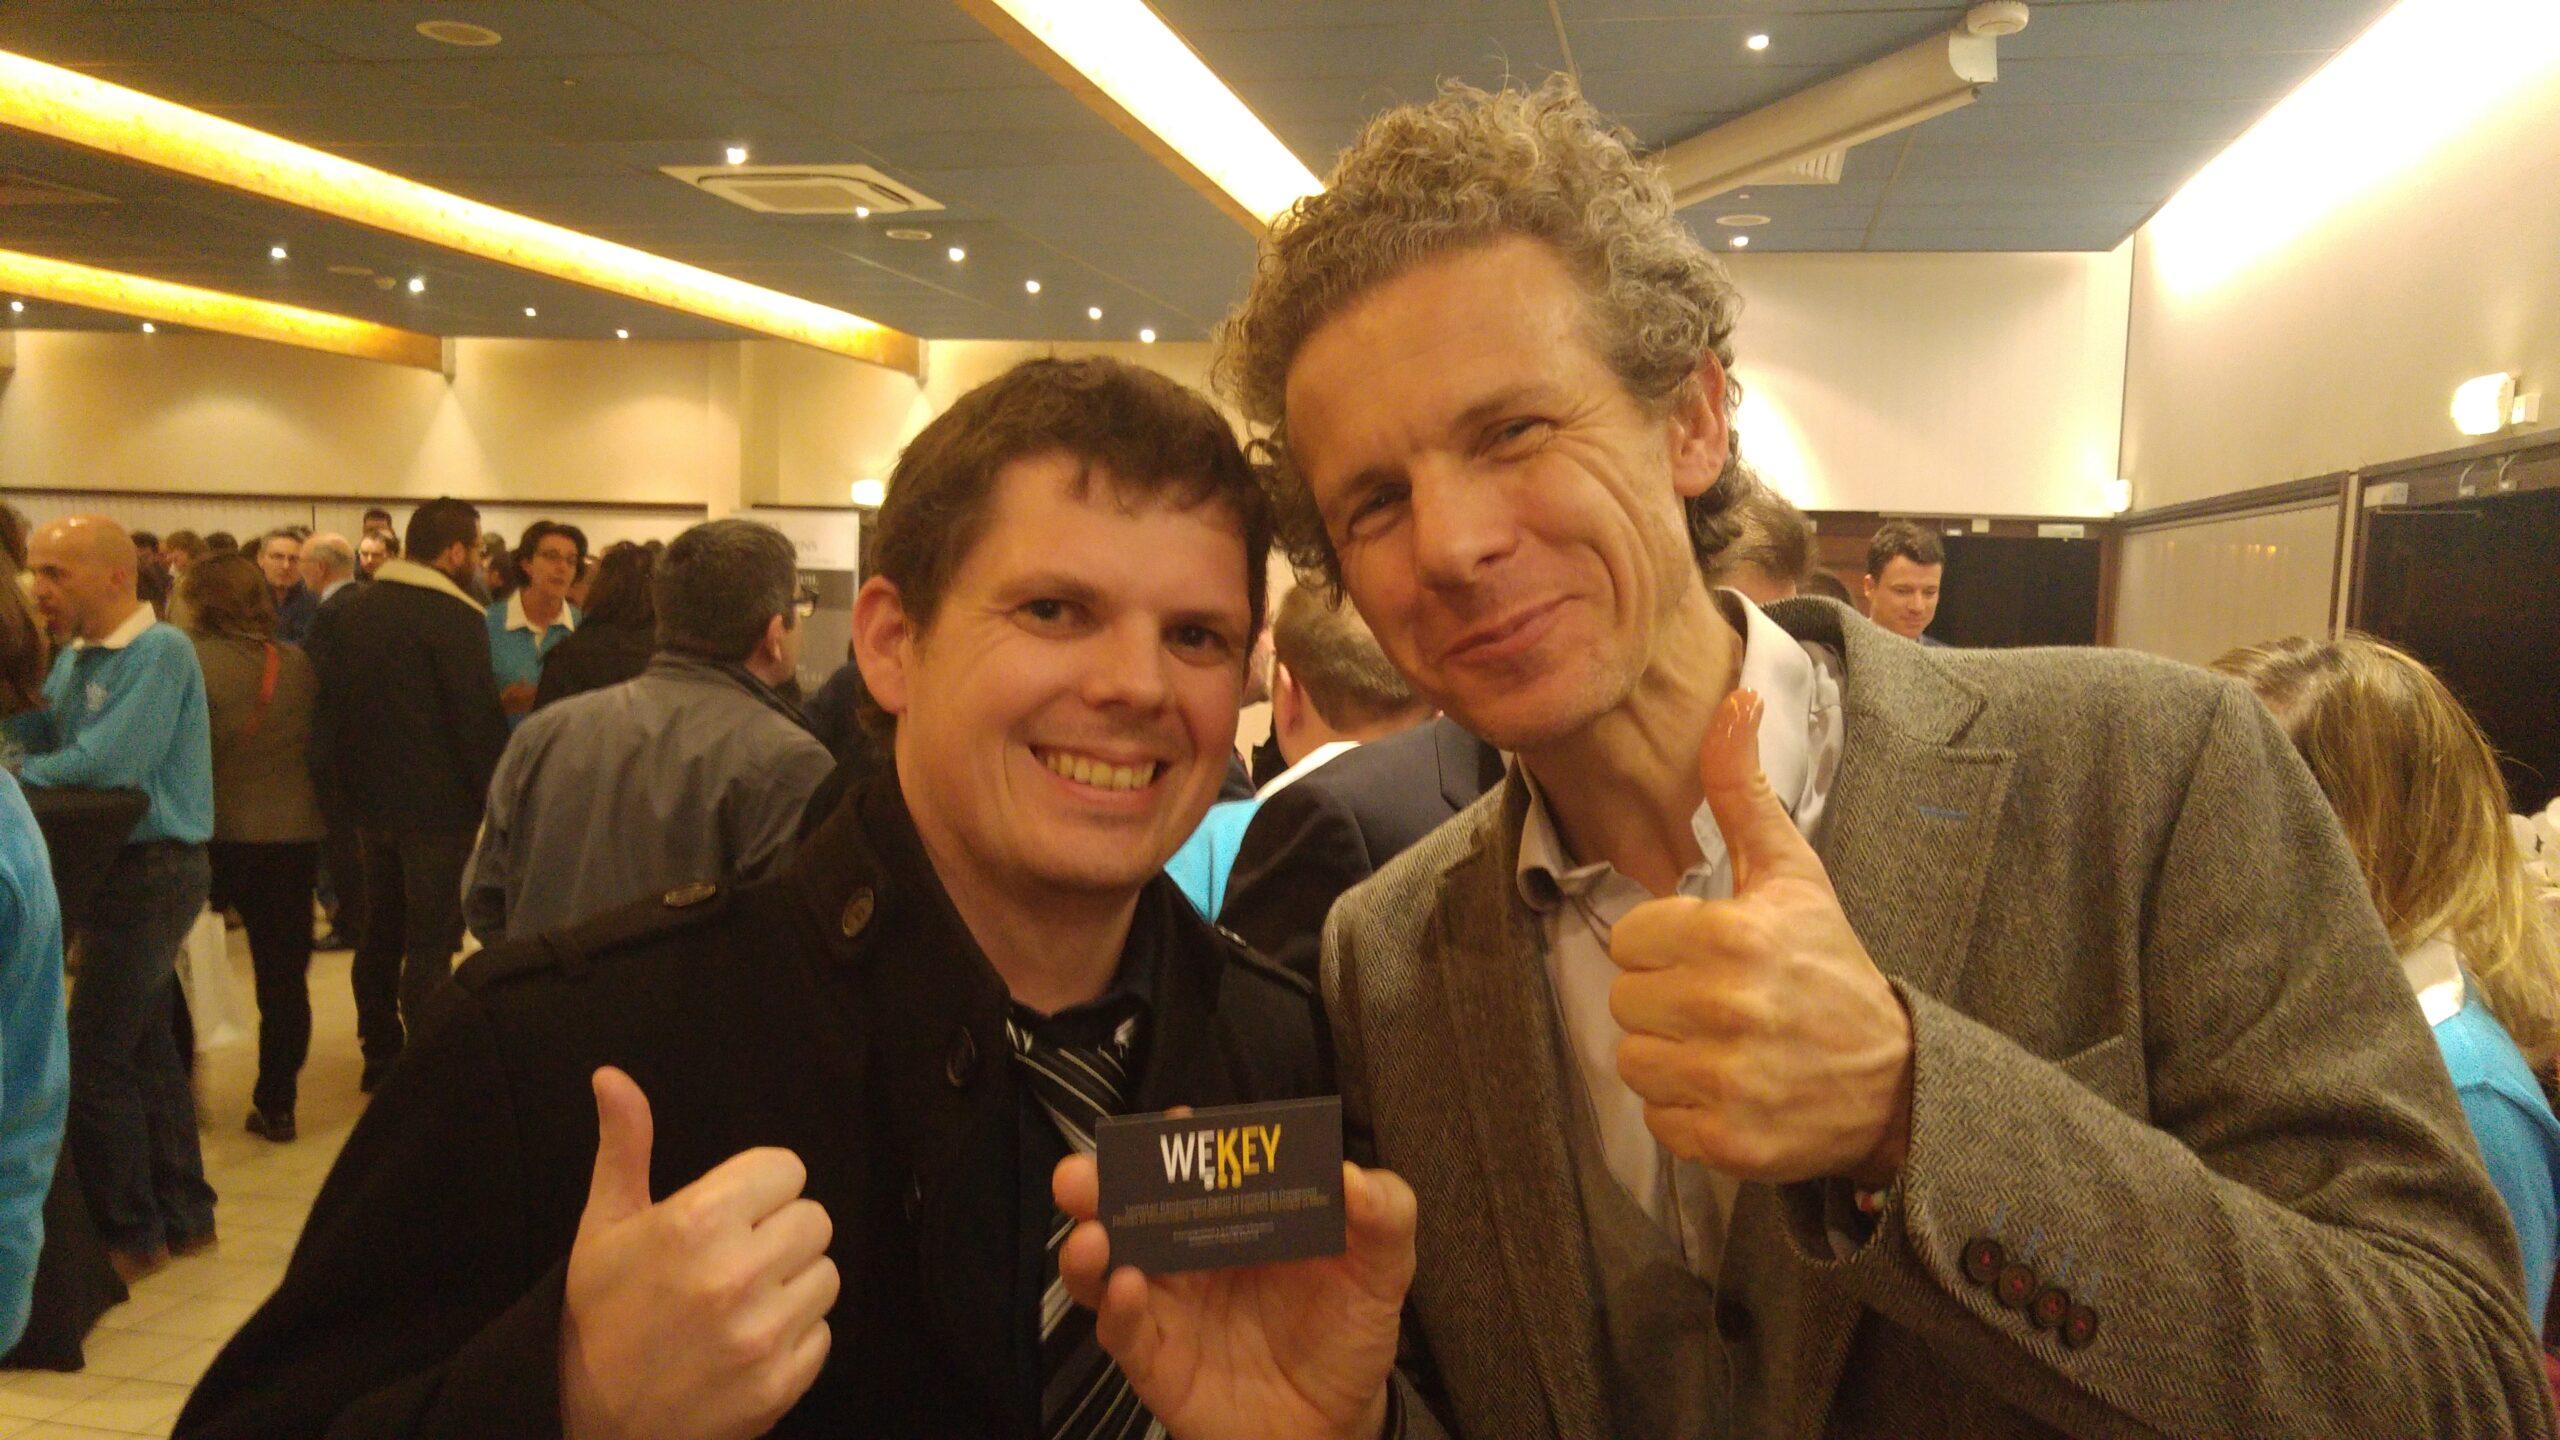 Gilles Babinet encourage la start-up Wekey !